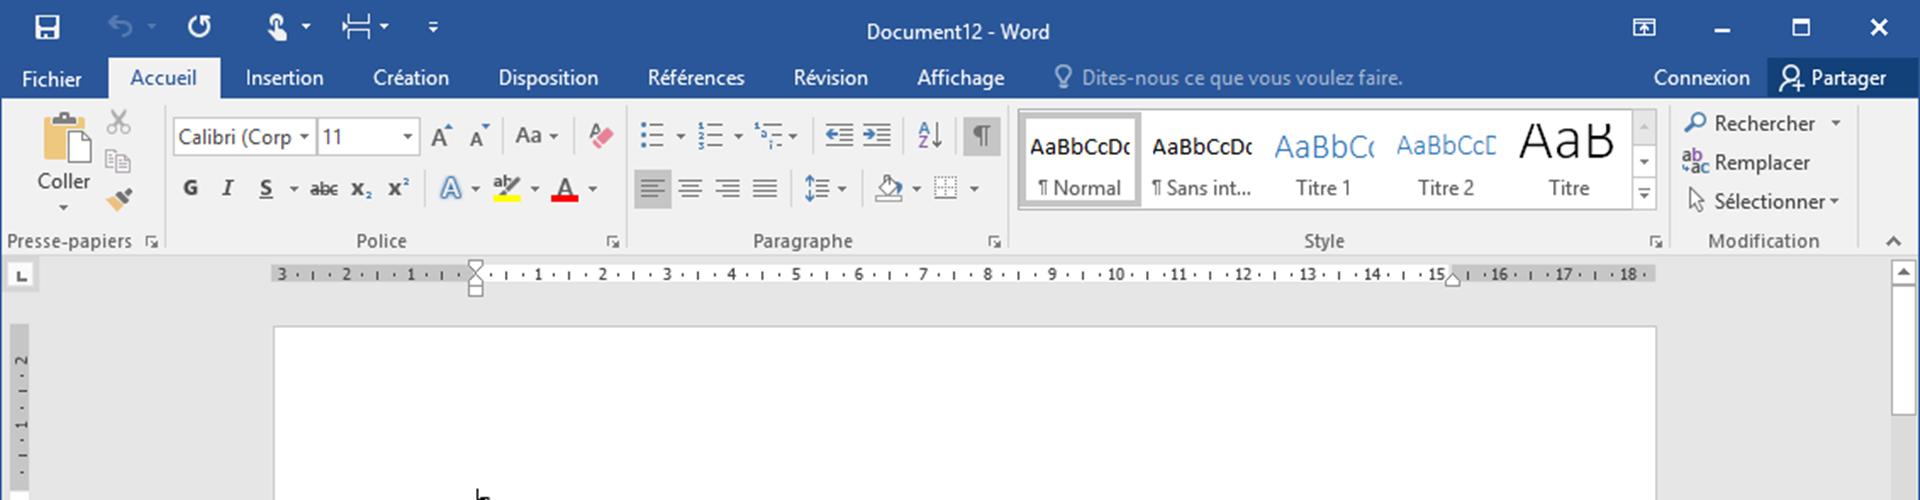 L'interface de Word